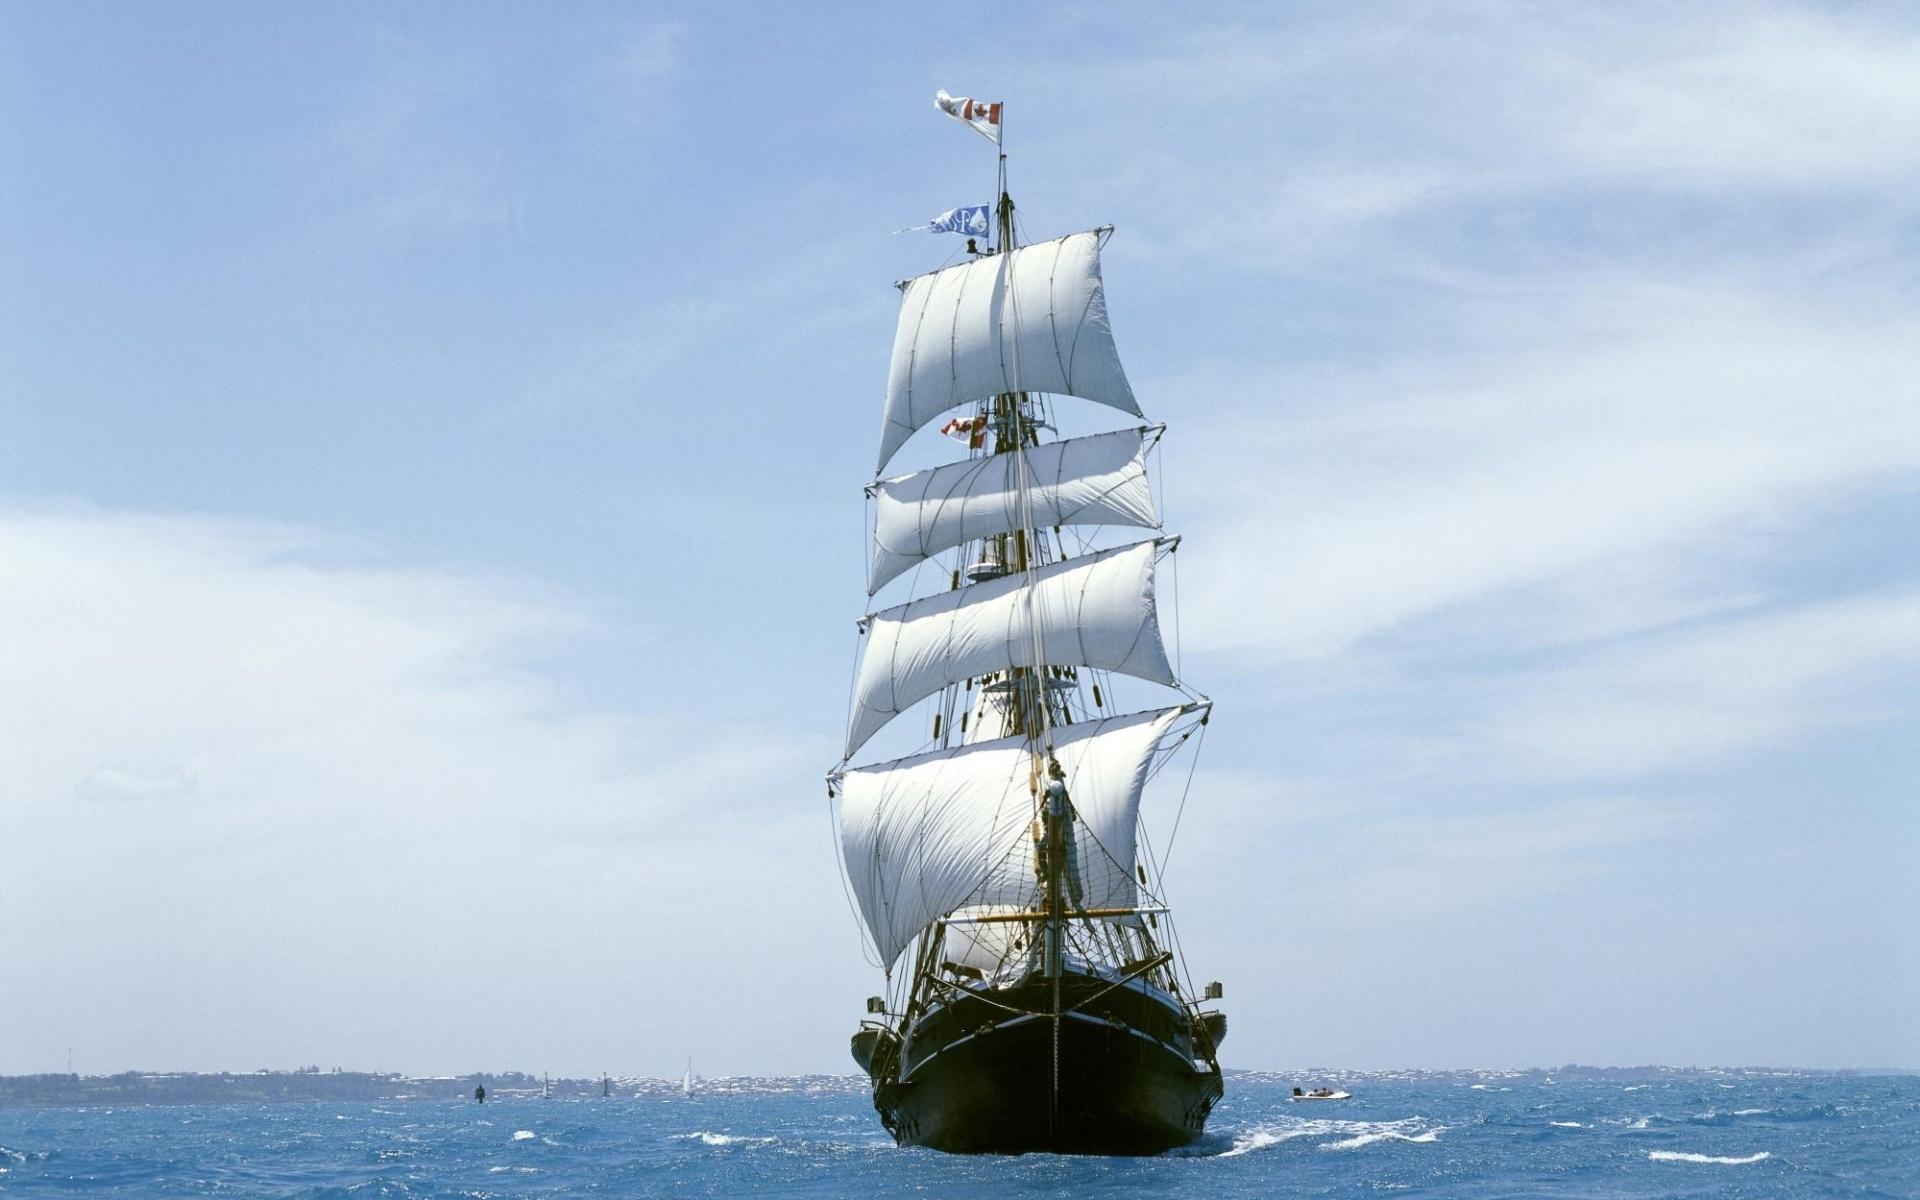 Ships - Photo gallery | MIRIADNA.COM